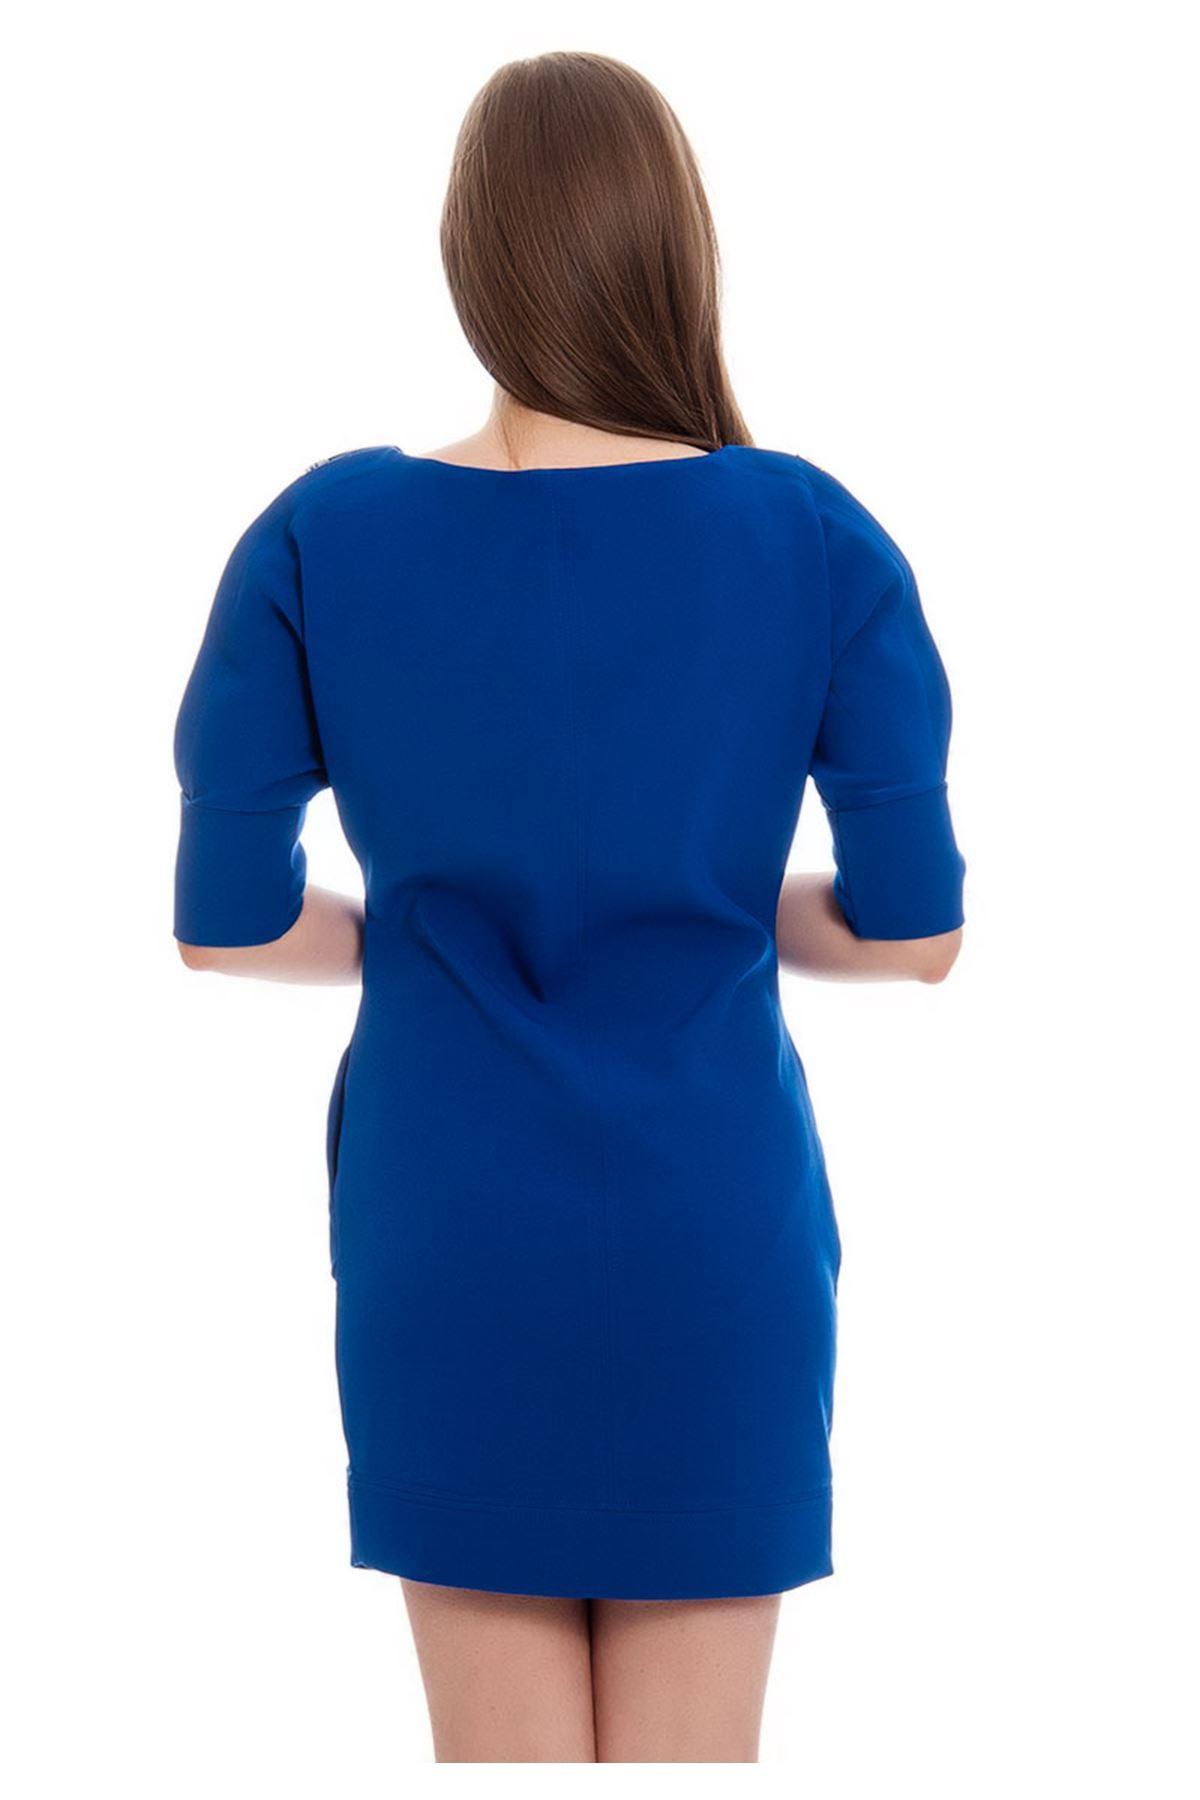 Mavi Kol Detaylı Kadın Elbise J2-122165